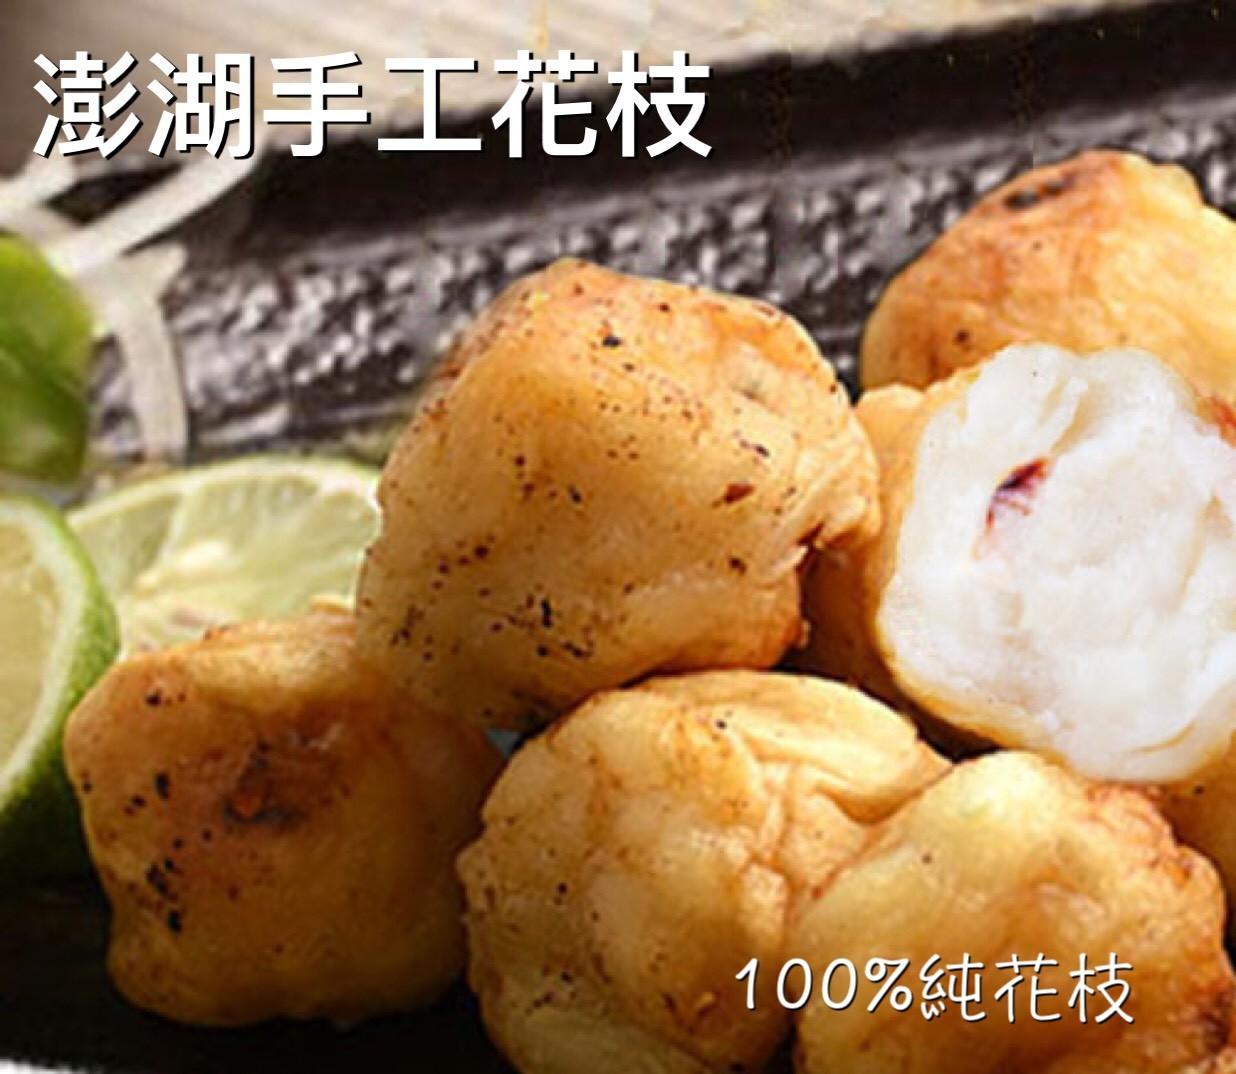 【立三】澎湖手工花枝丸(600g/包)